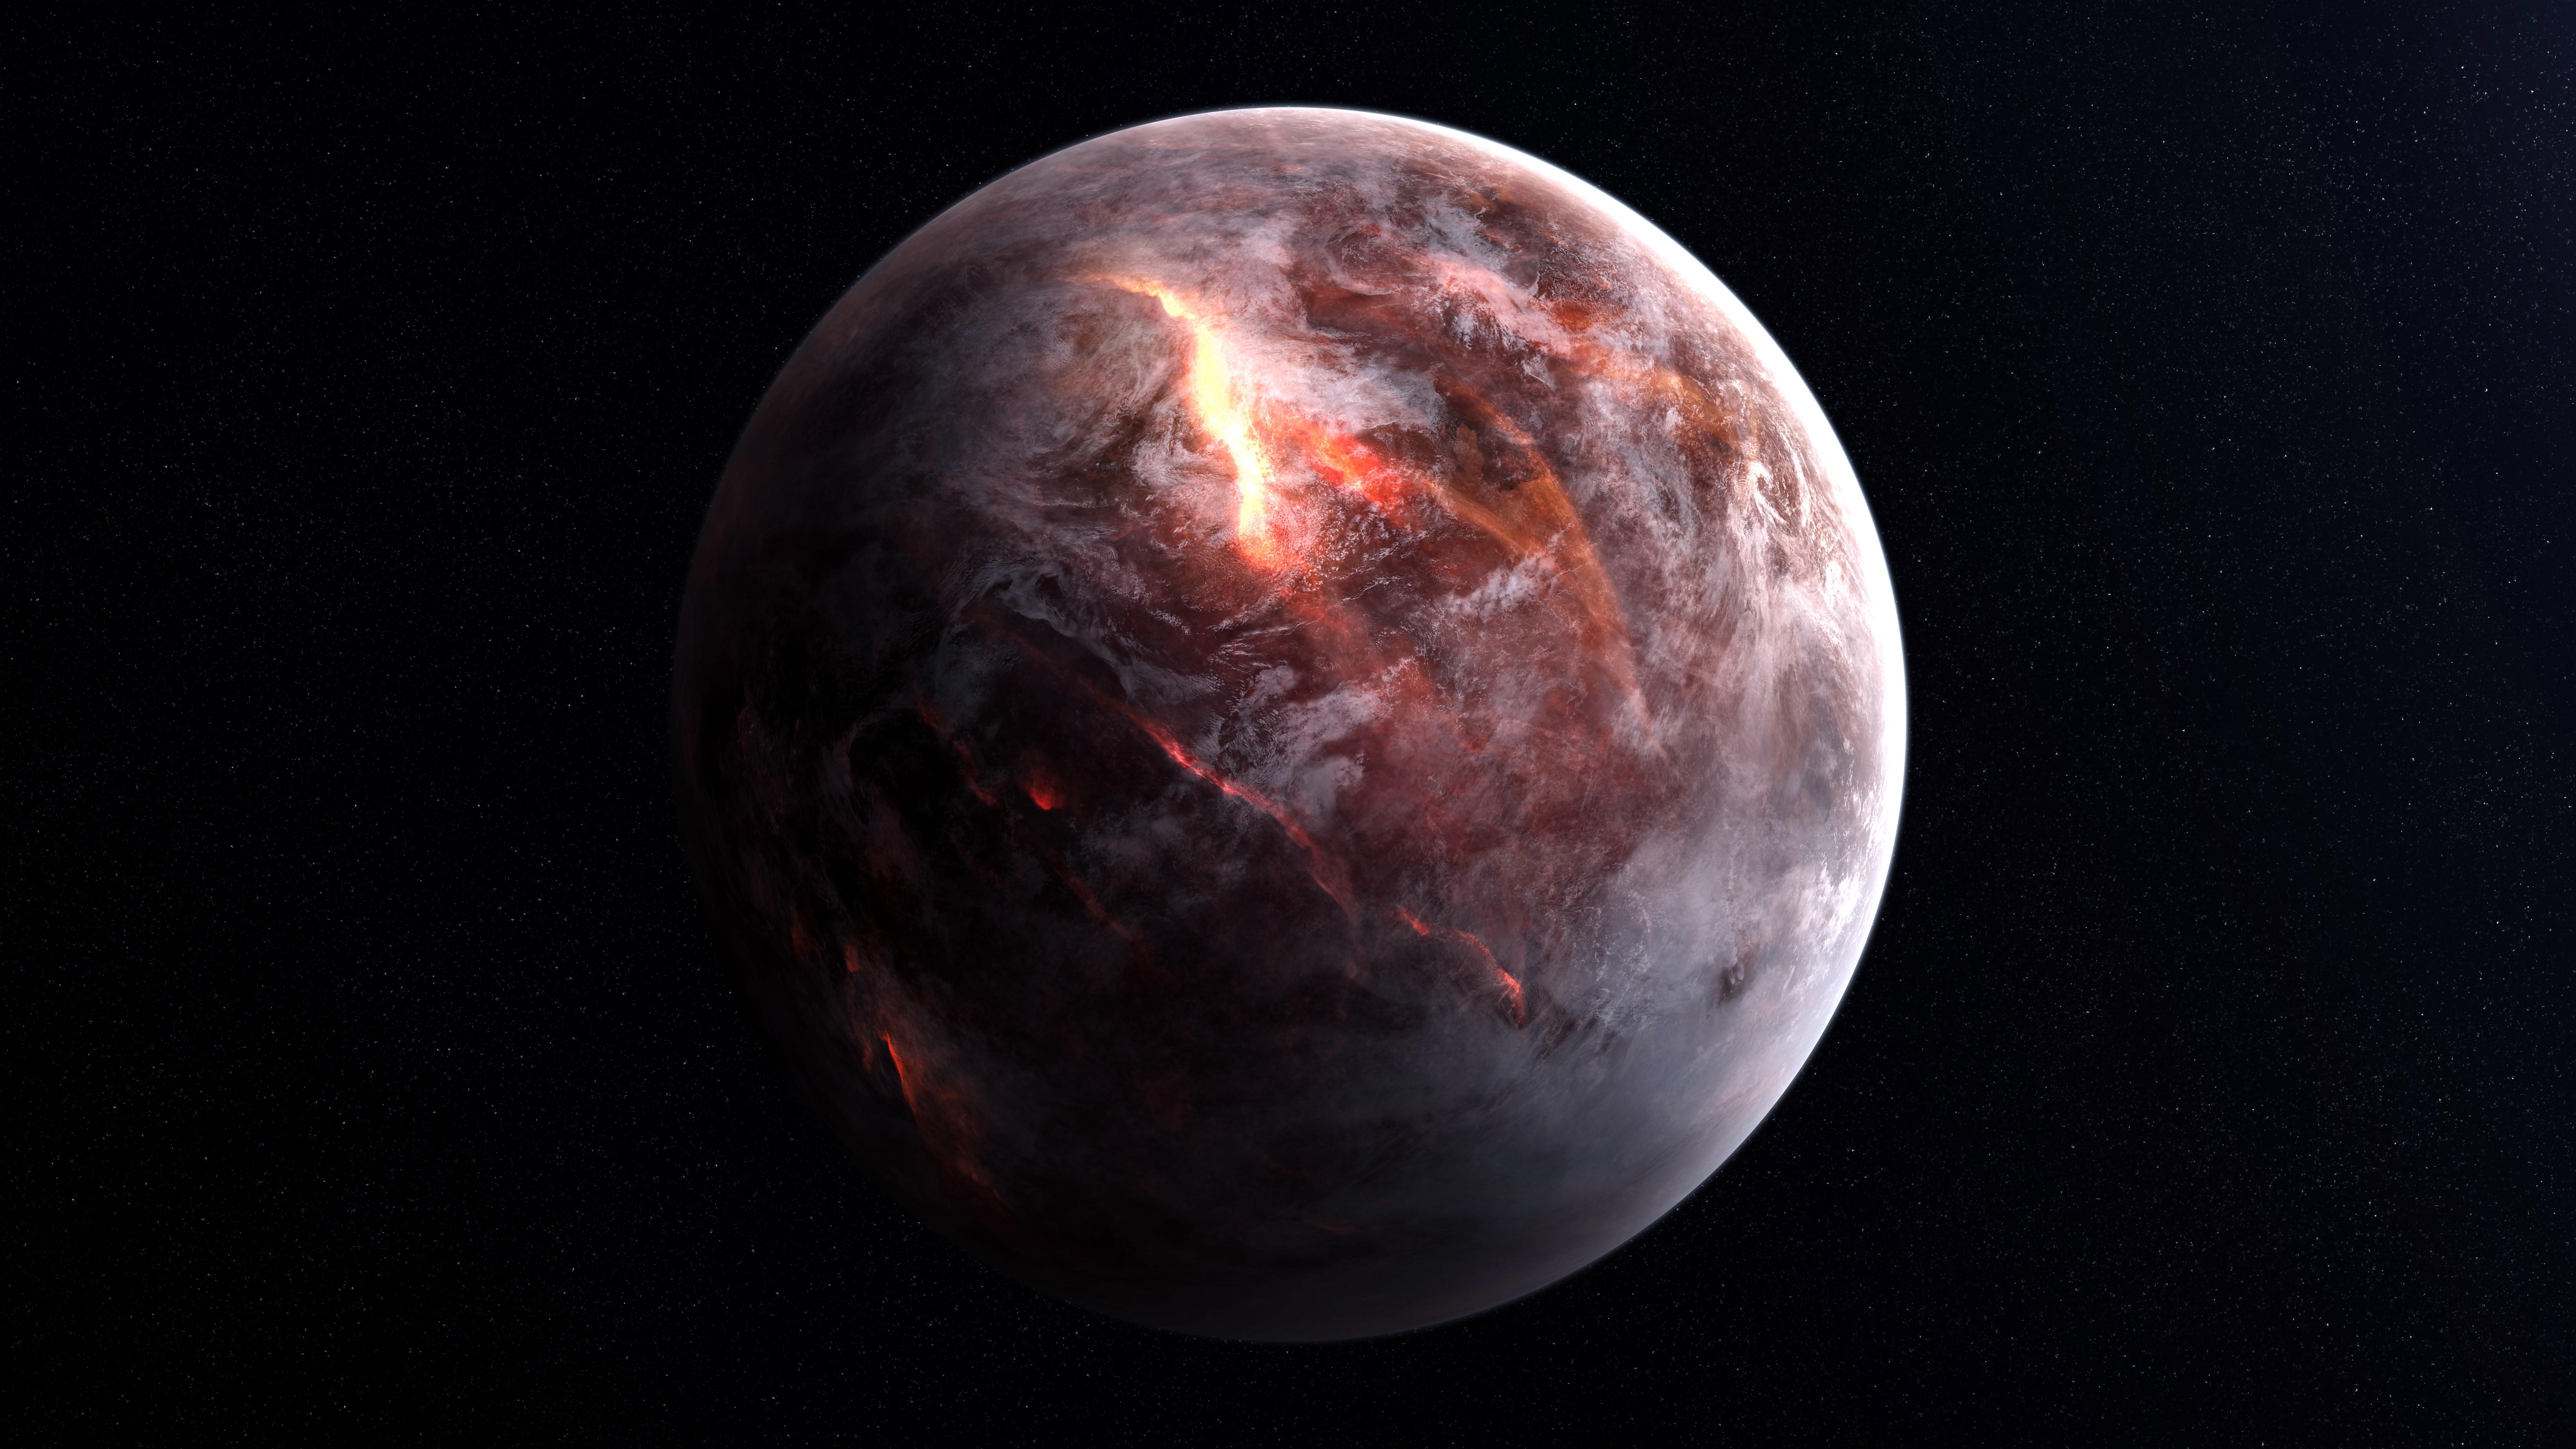 Wallpaper planet, 8k, Space #15627